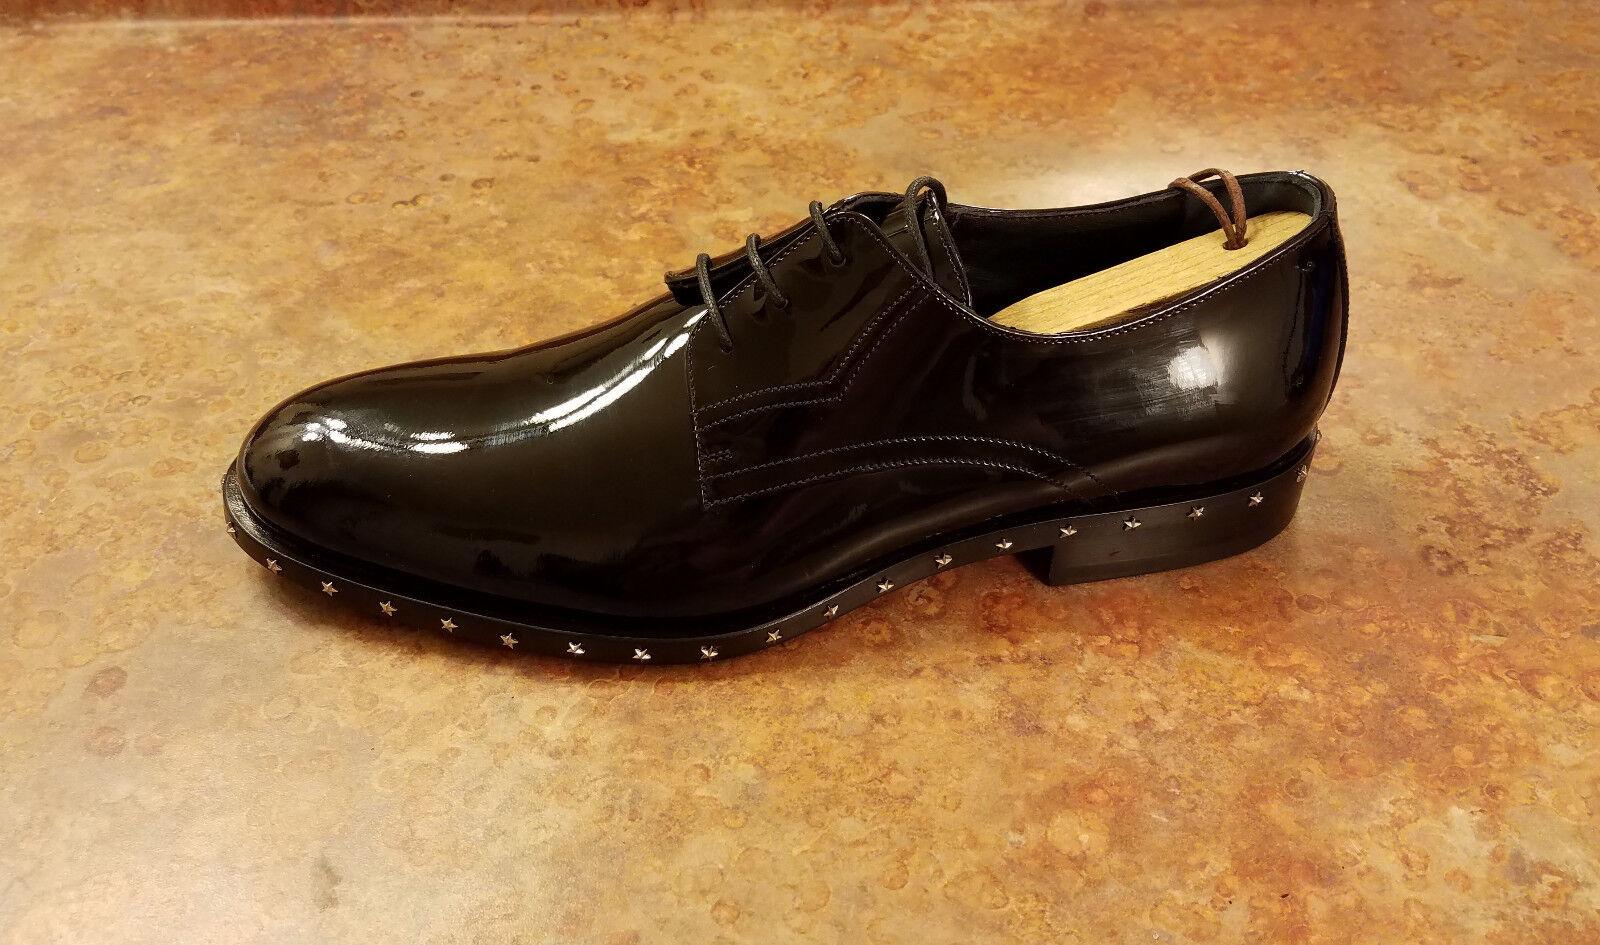 NOUVEAU  Jimmy Choo  Star de clous  Plain Toe Derby Noir Homme 8 us 41 eur. fabricants Standard prix de détail  895